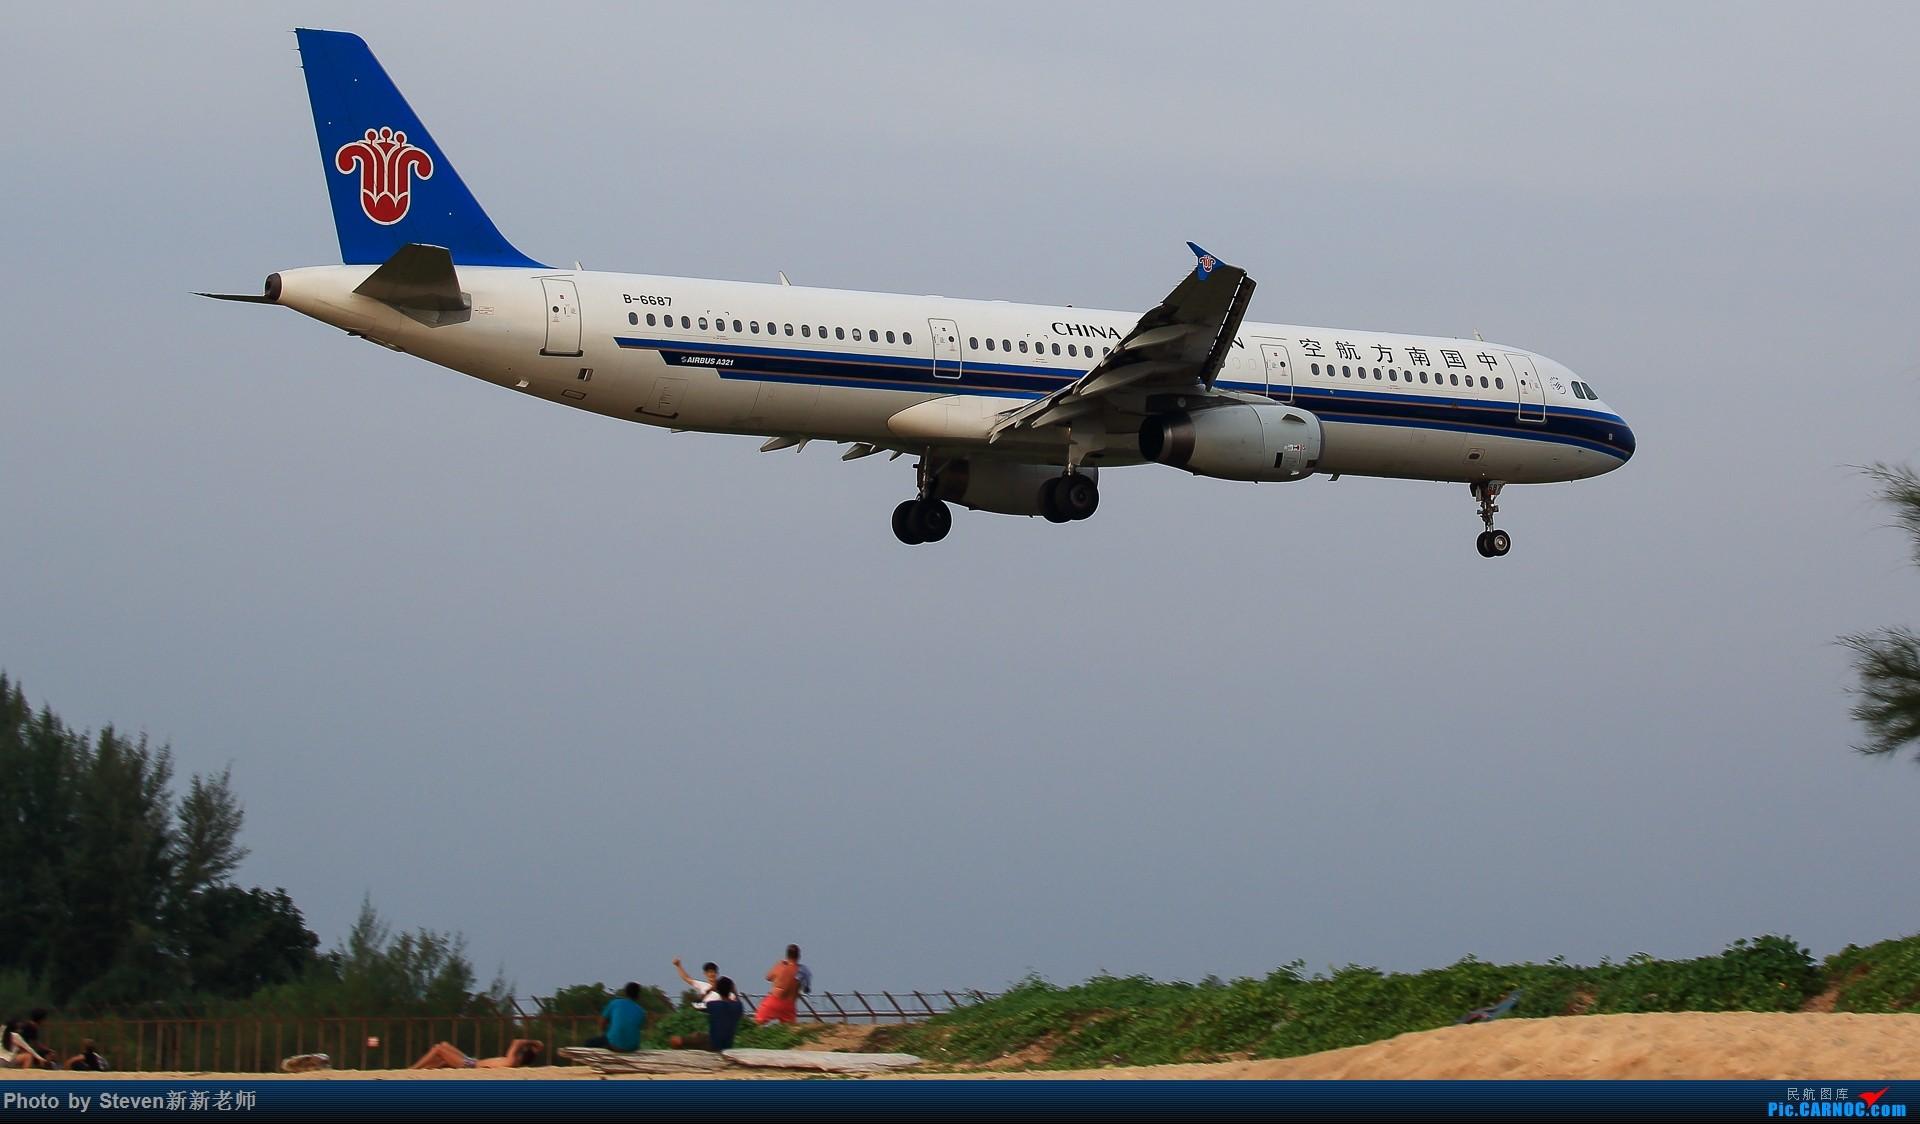 """Re:[原创]亚洲""""圣马丁岛""""—普吉国际机场拍机 AIRBUS A321-200 B-6687 泰国普吉机场"""